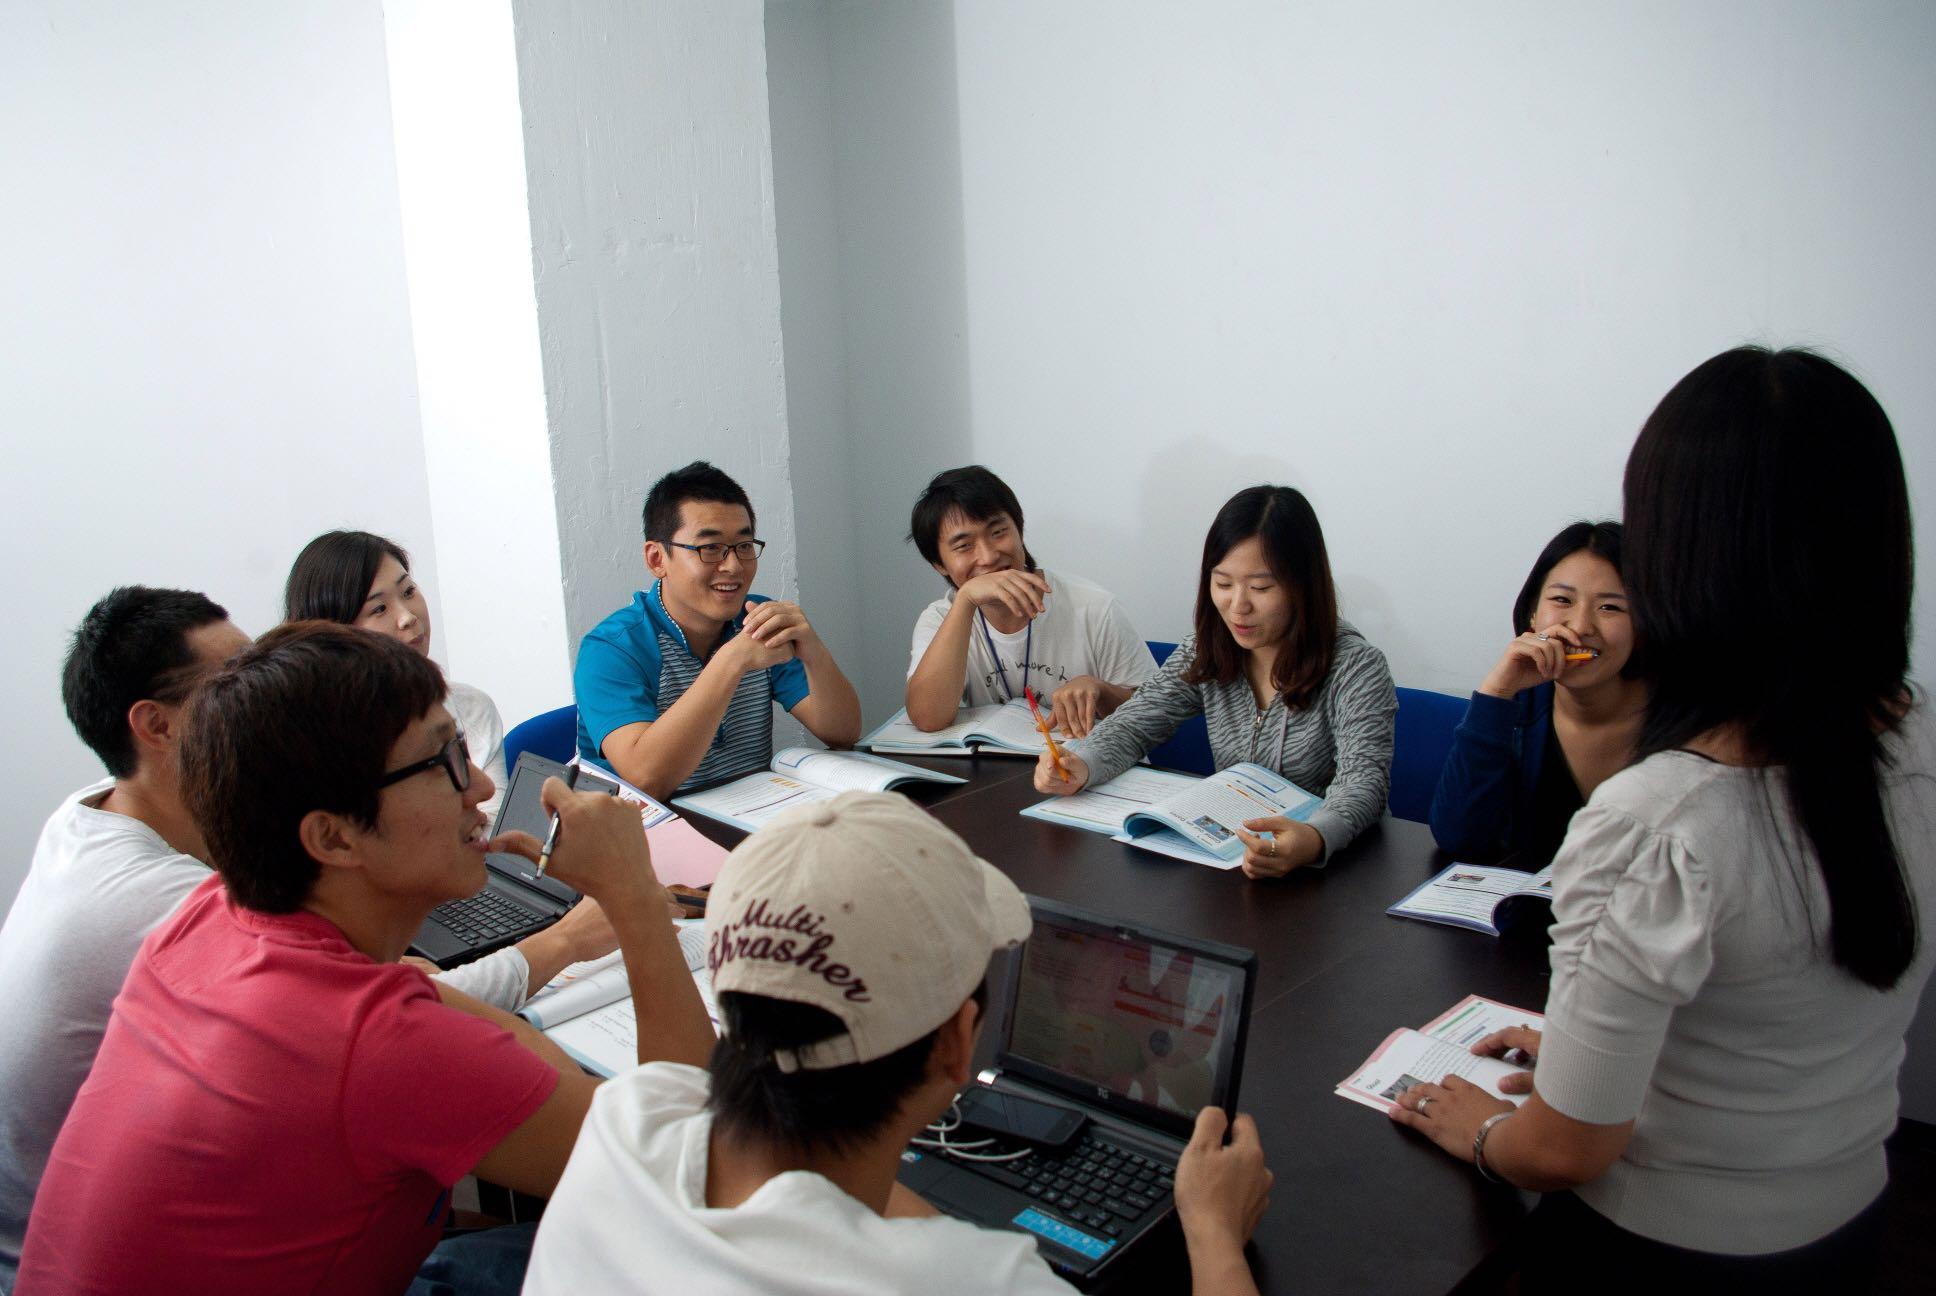 菲律賓語言學校 團體課